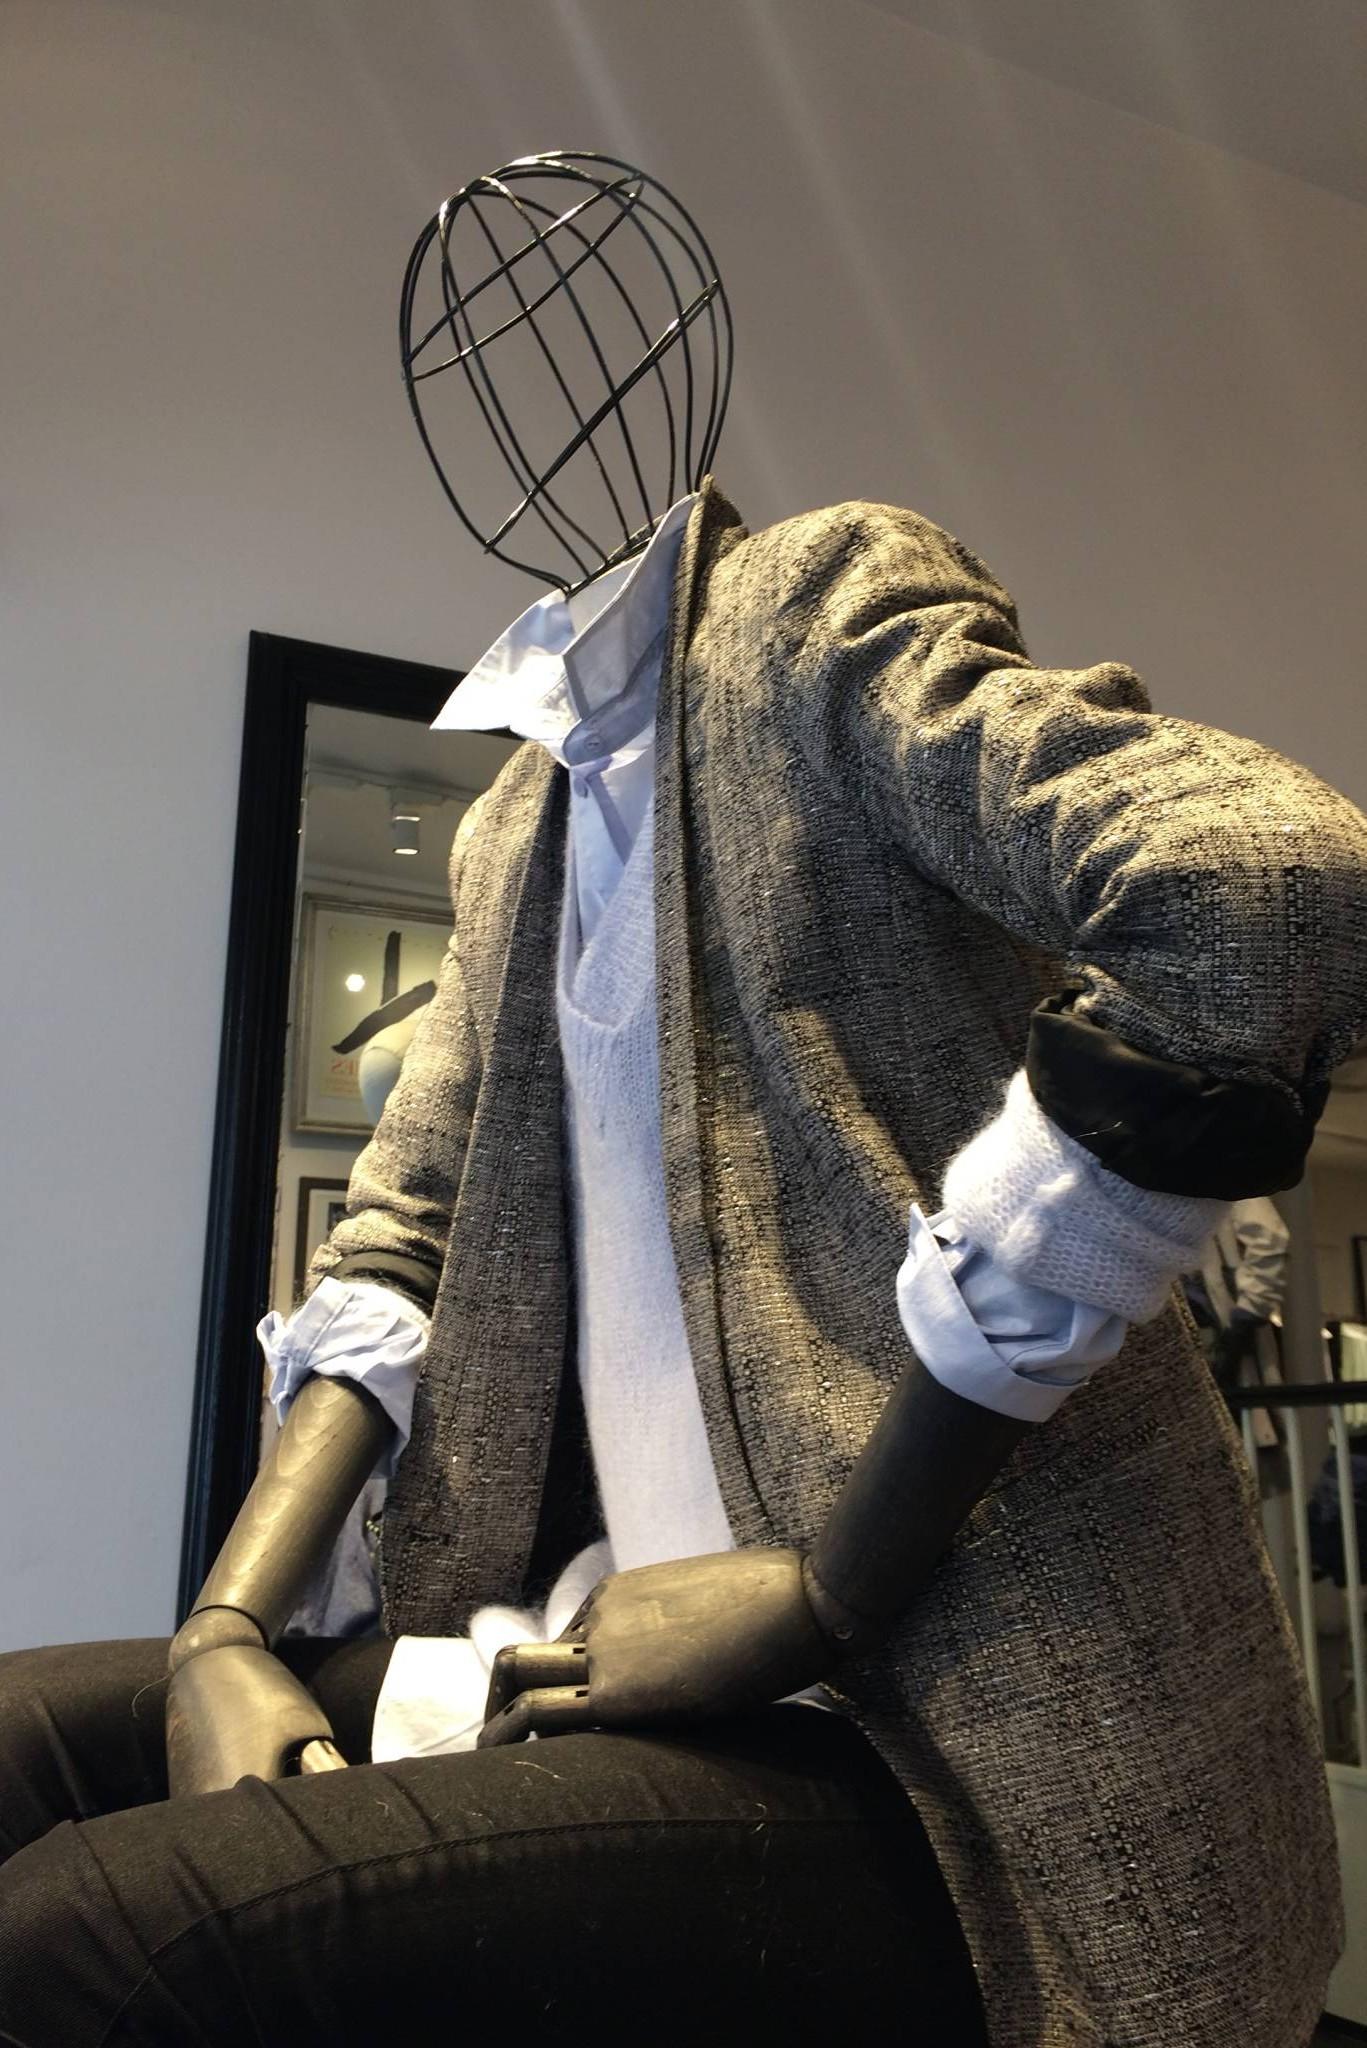 Siddende vintage dame mannequin med tråd hoved.